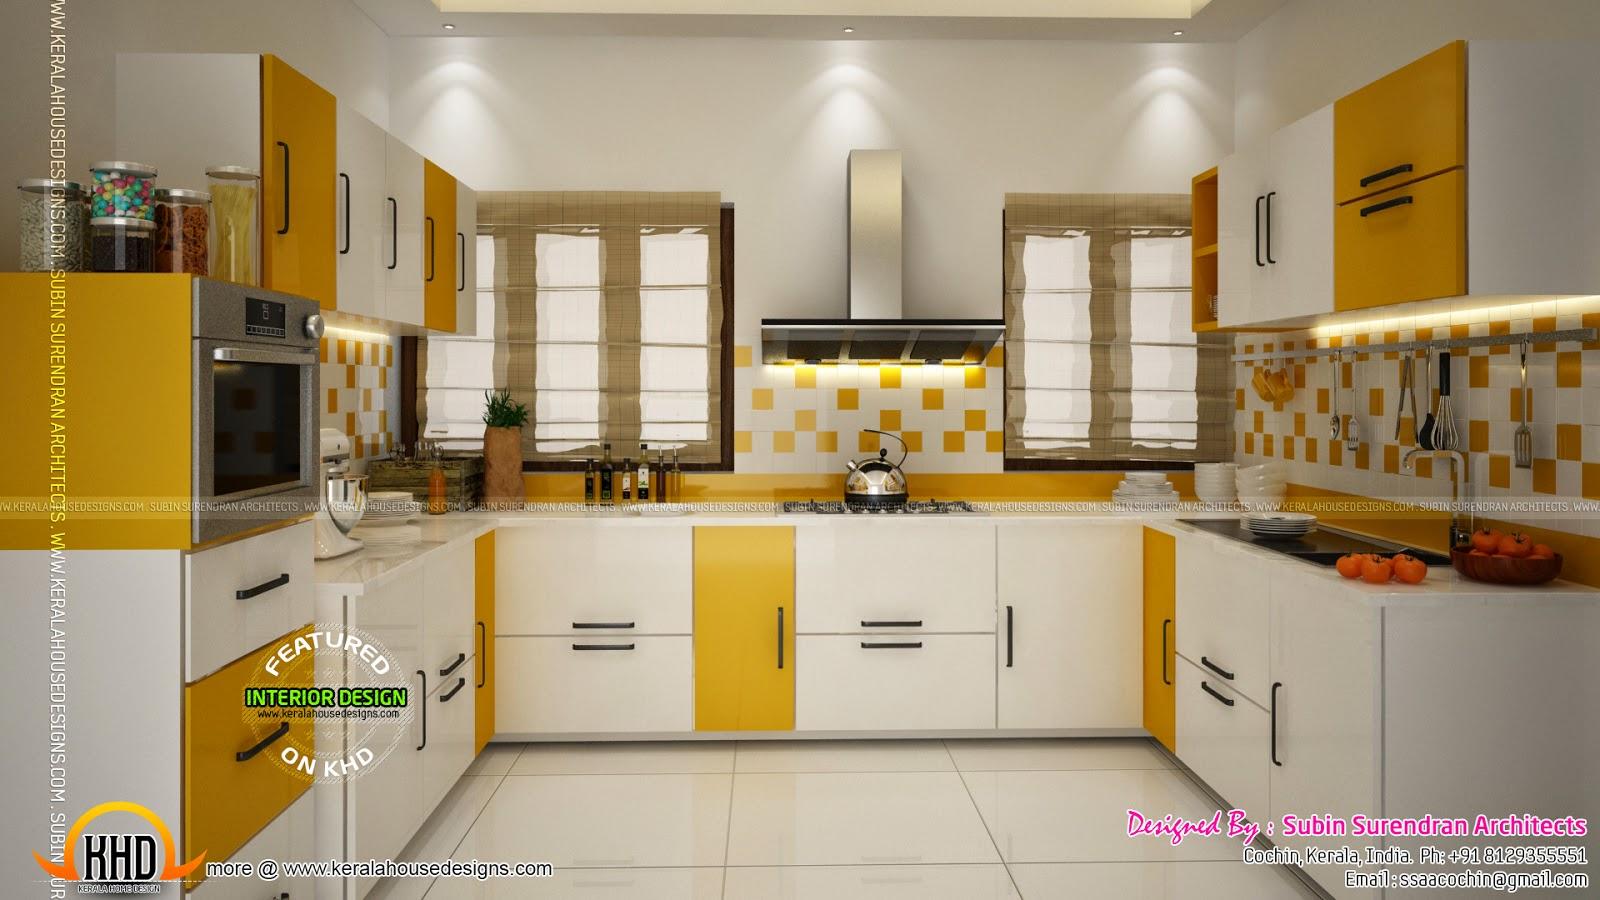 interior design cochin kerala home design floor plans design room interior design kitchen interior design home design